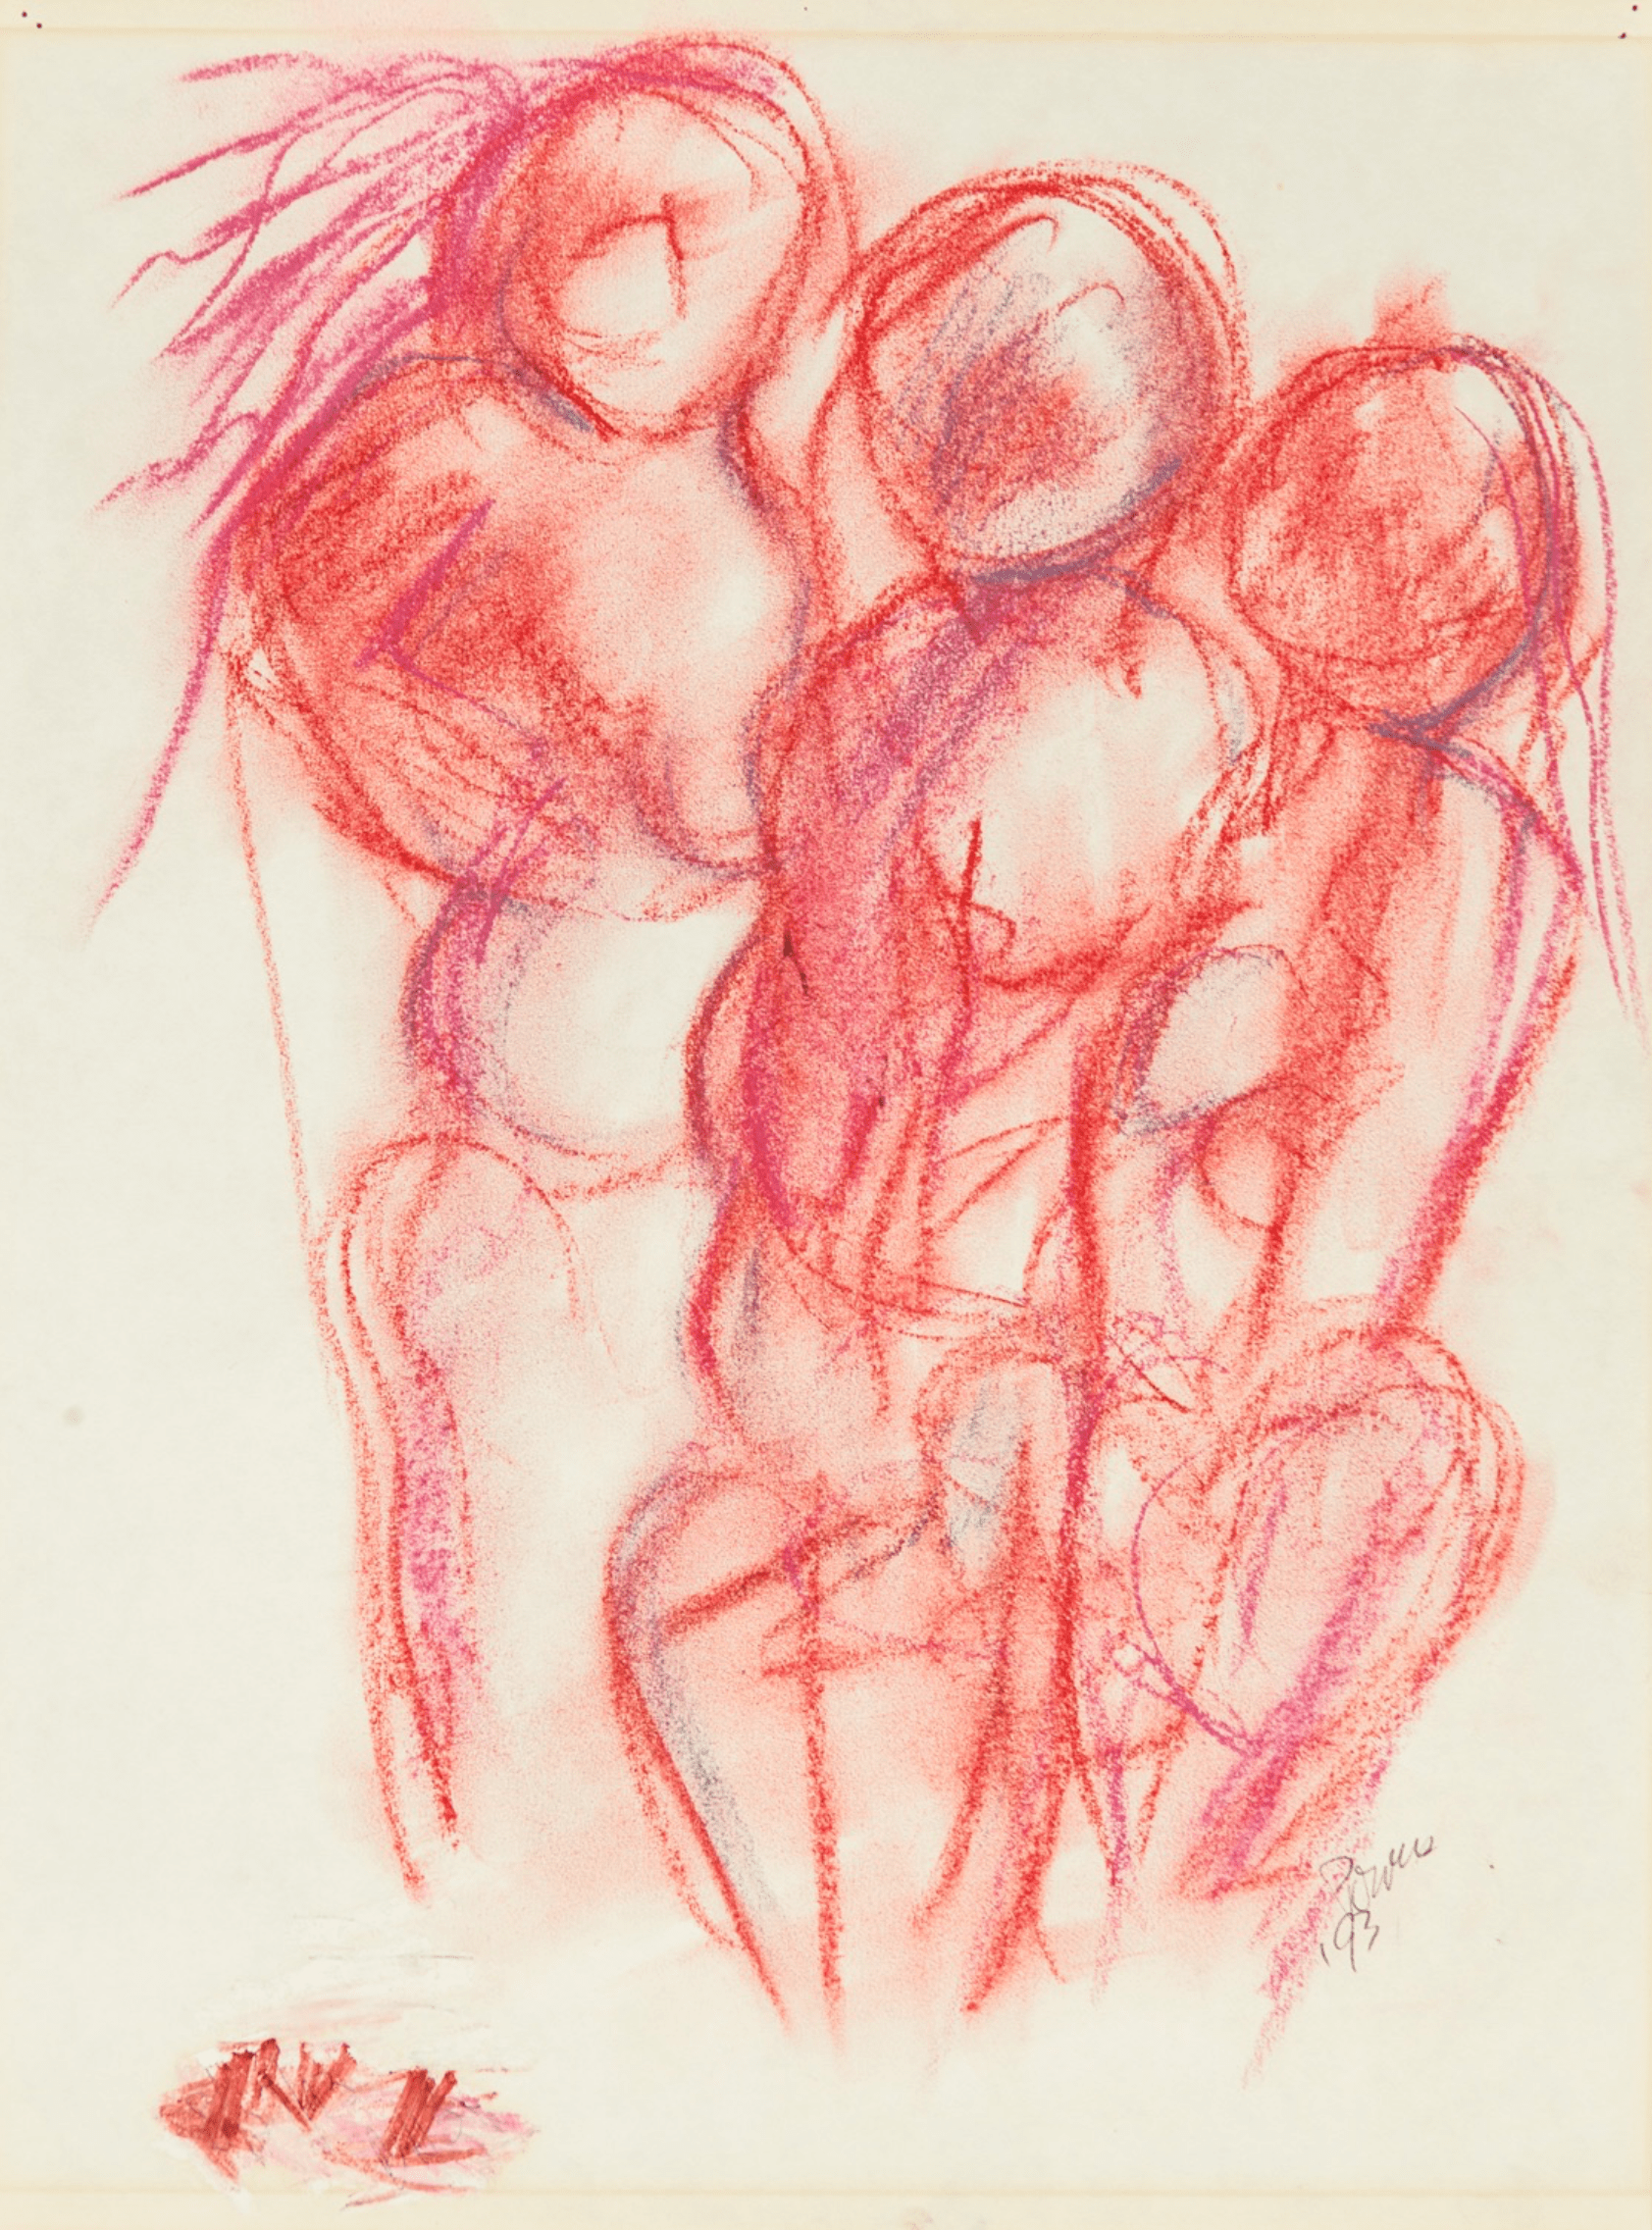 Pink Nudes